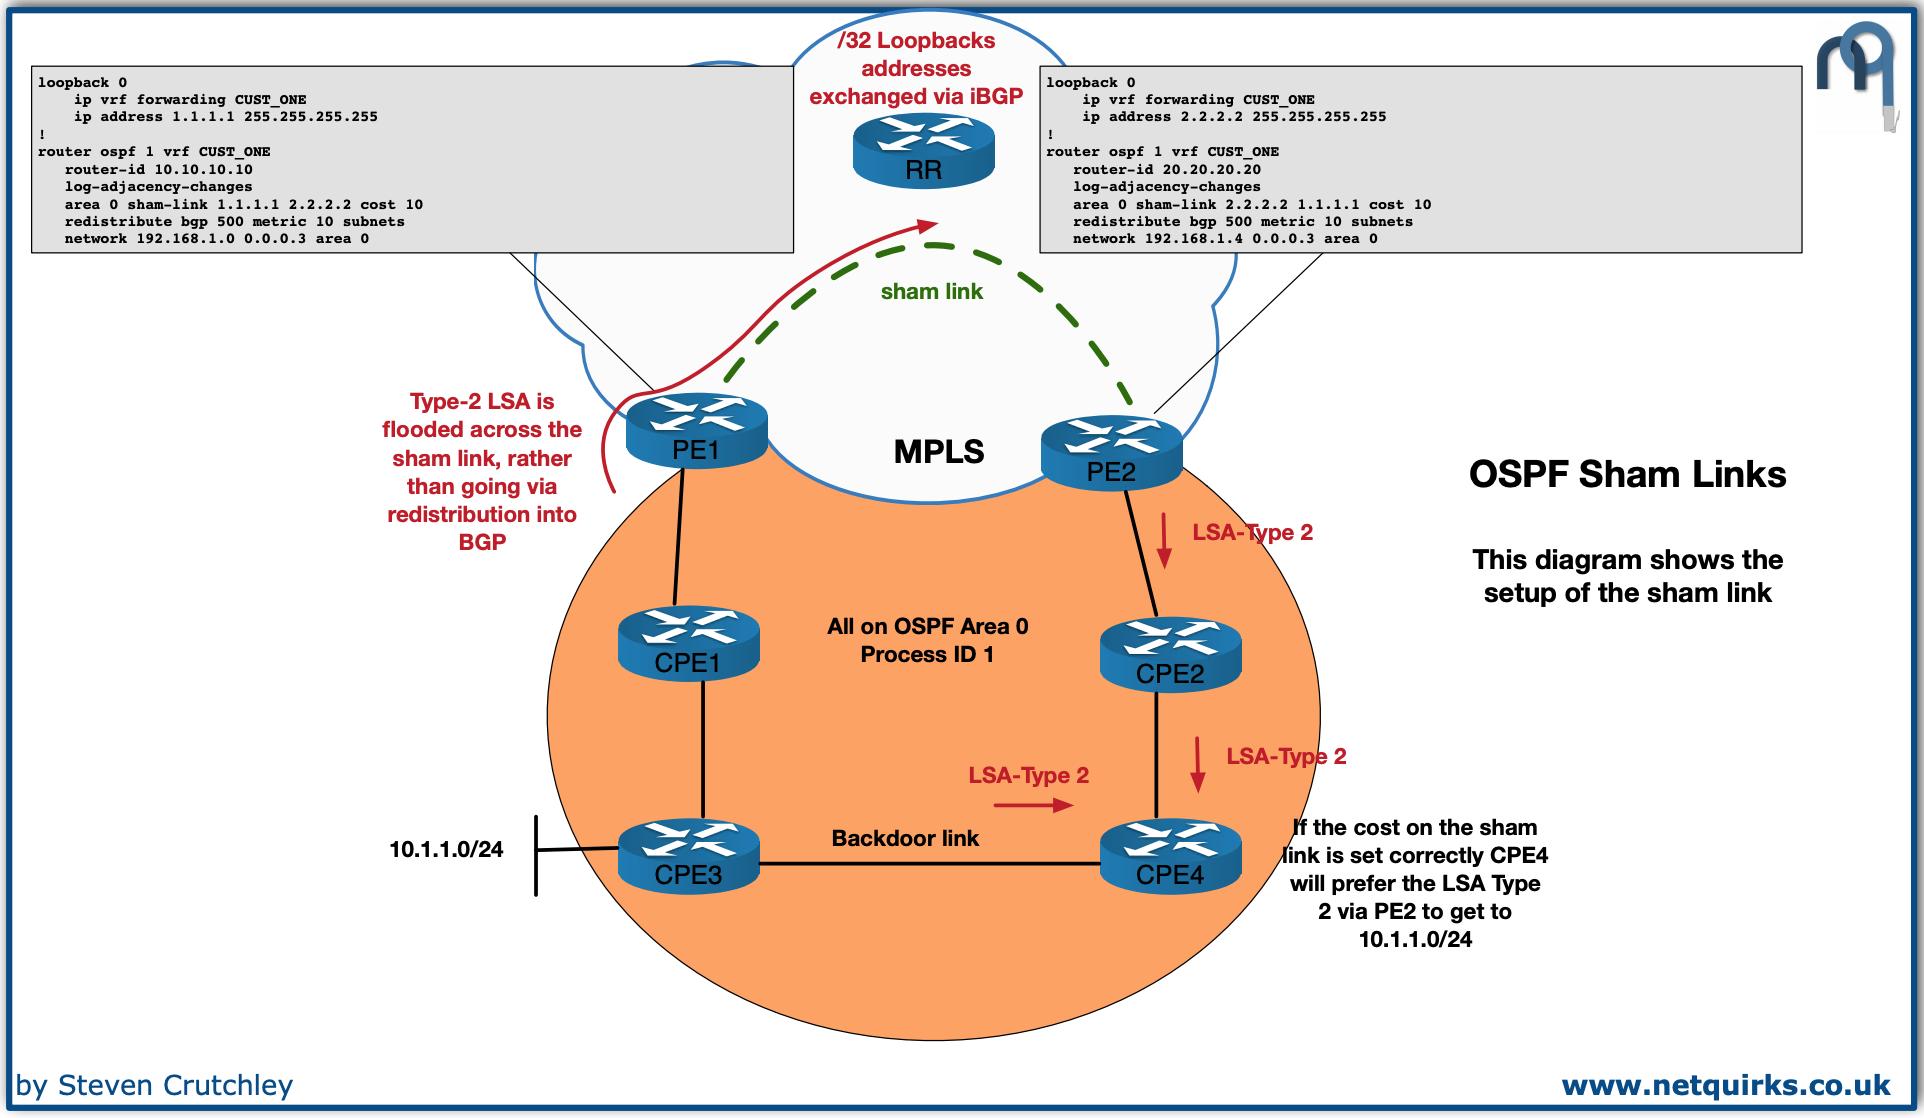 OSPF_Sham_Links_thumbnail